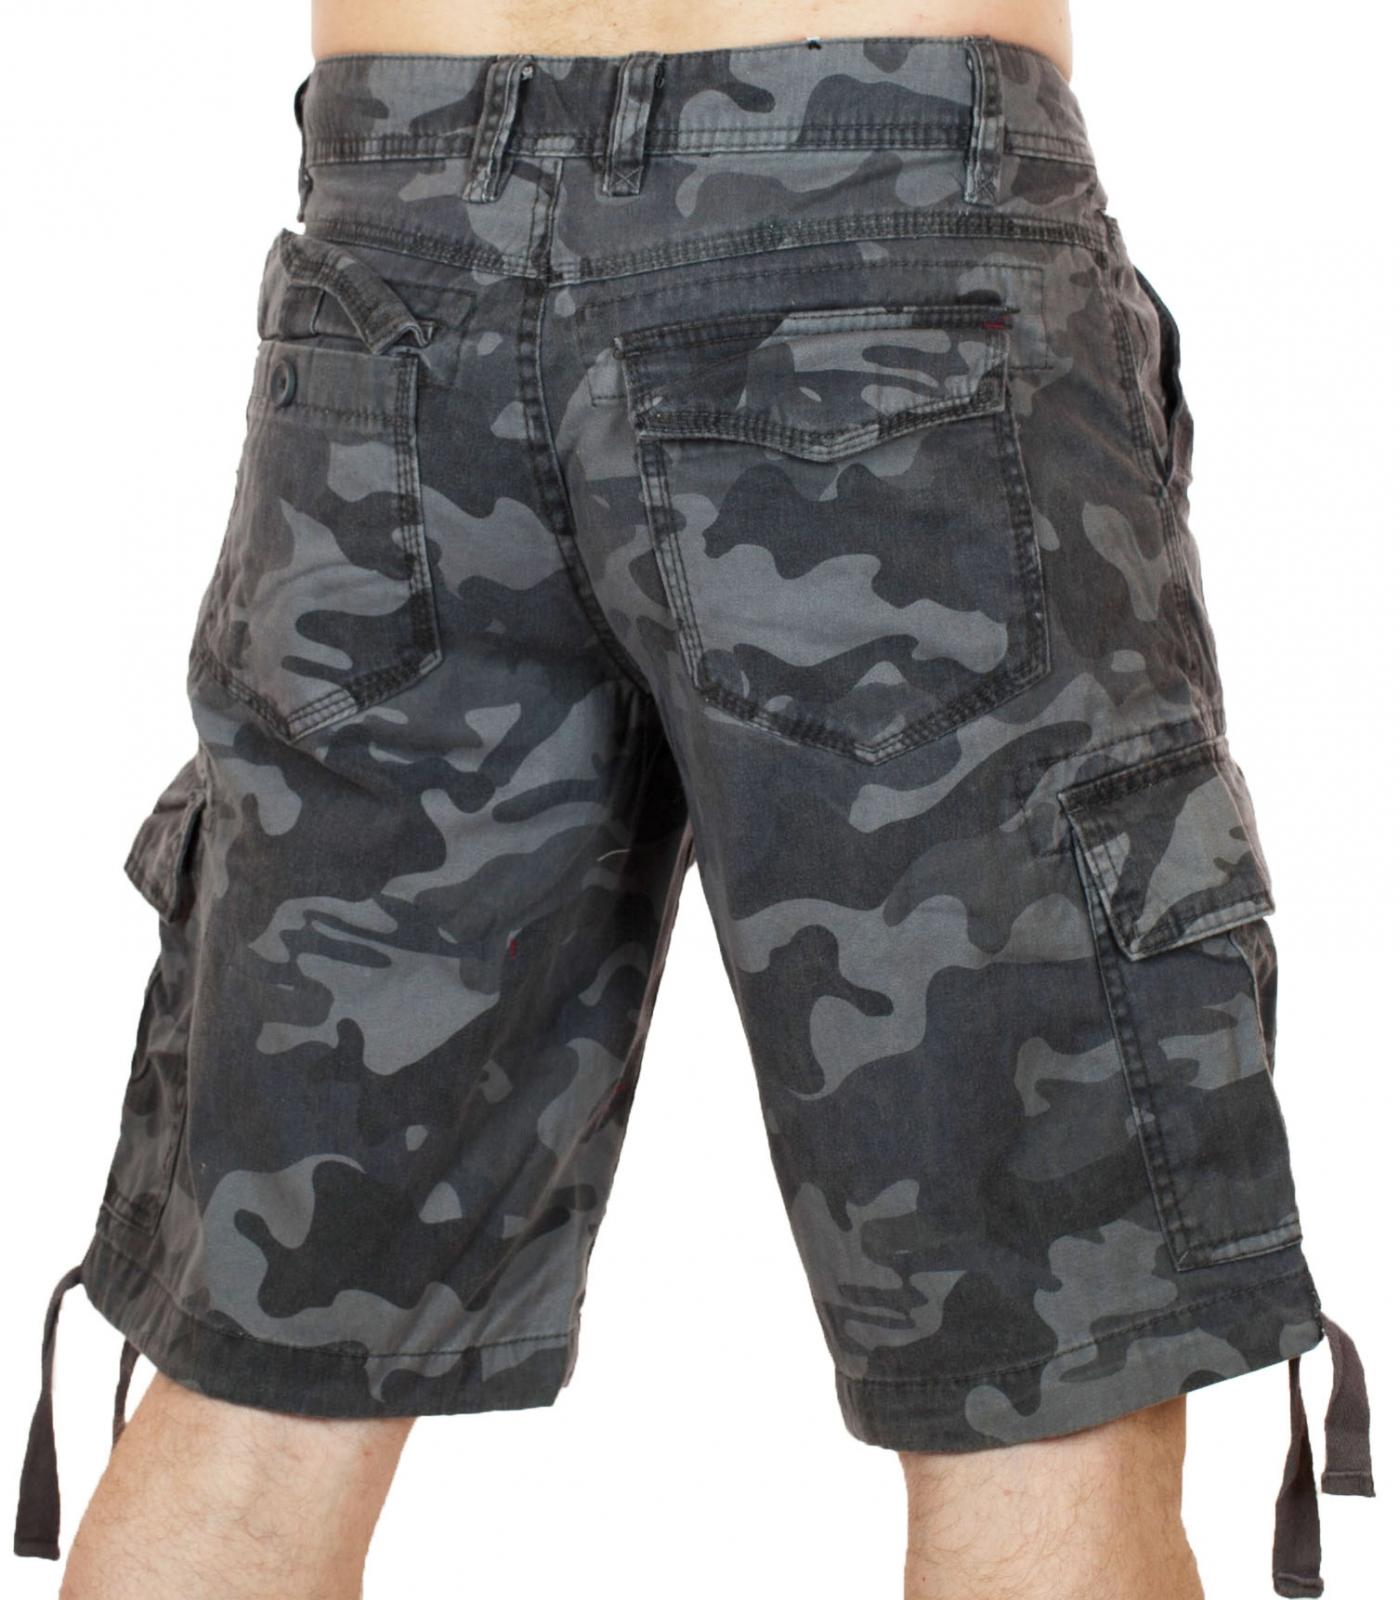 Камуфлированные шорты по низкой цене